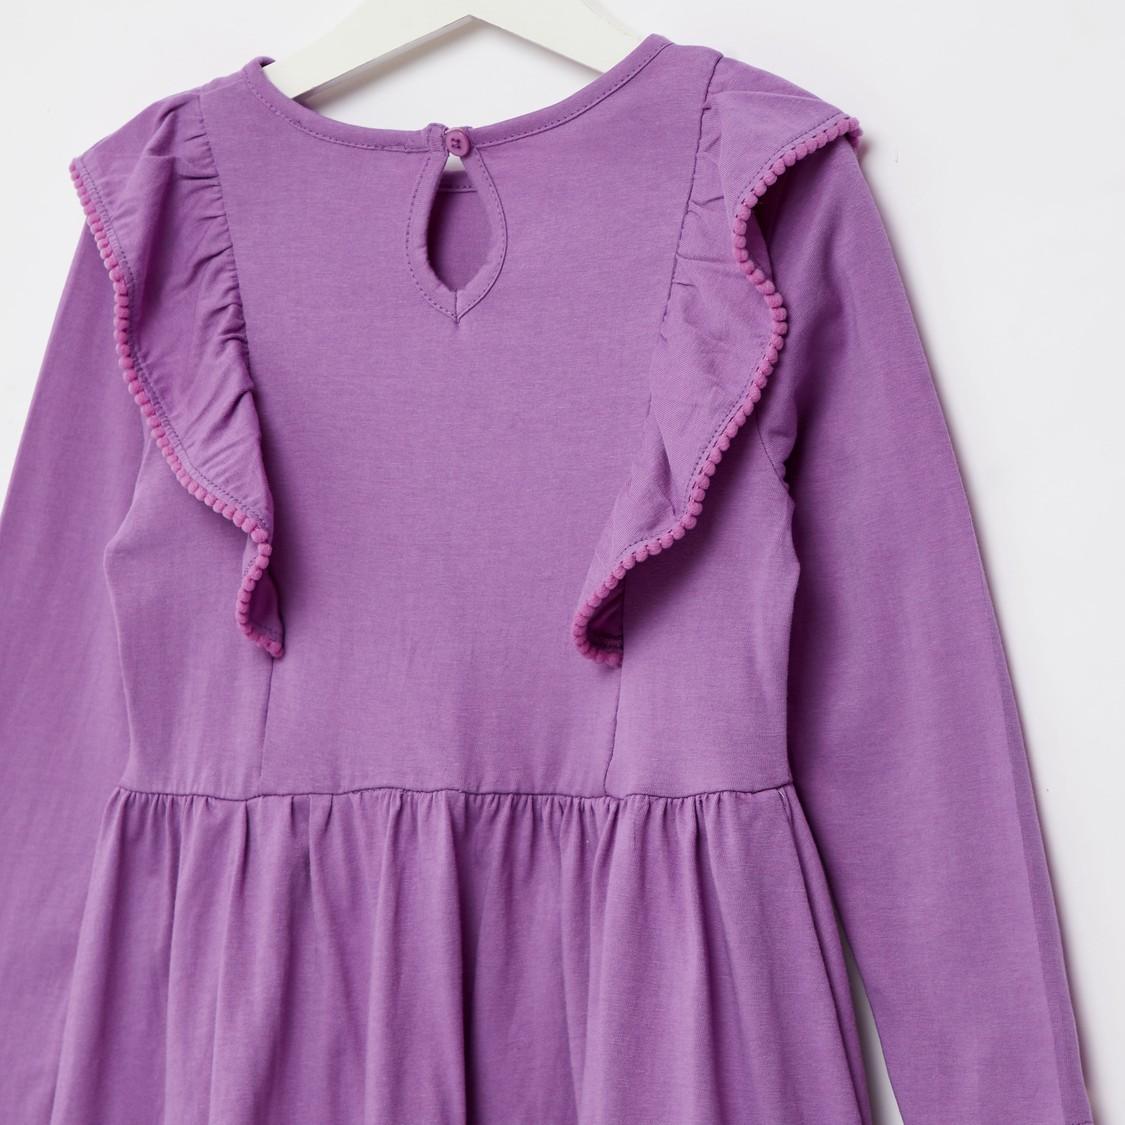 فستان بطول الركبة بياقة مستديرة وأكمام طويلة وطبعات جرافيك